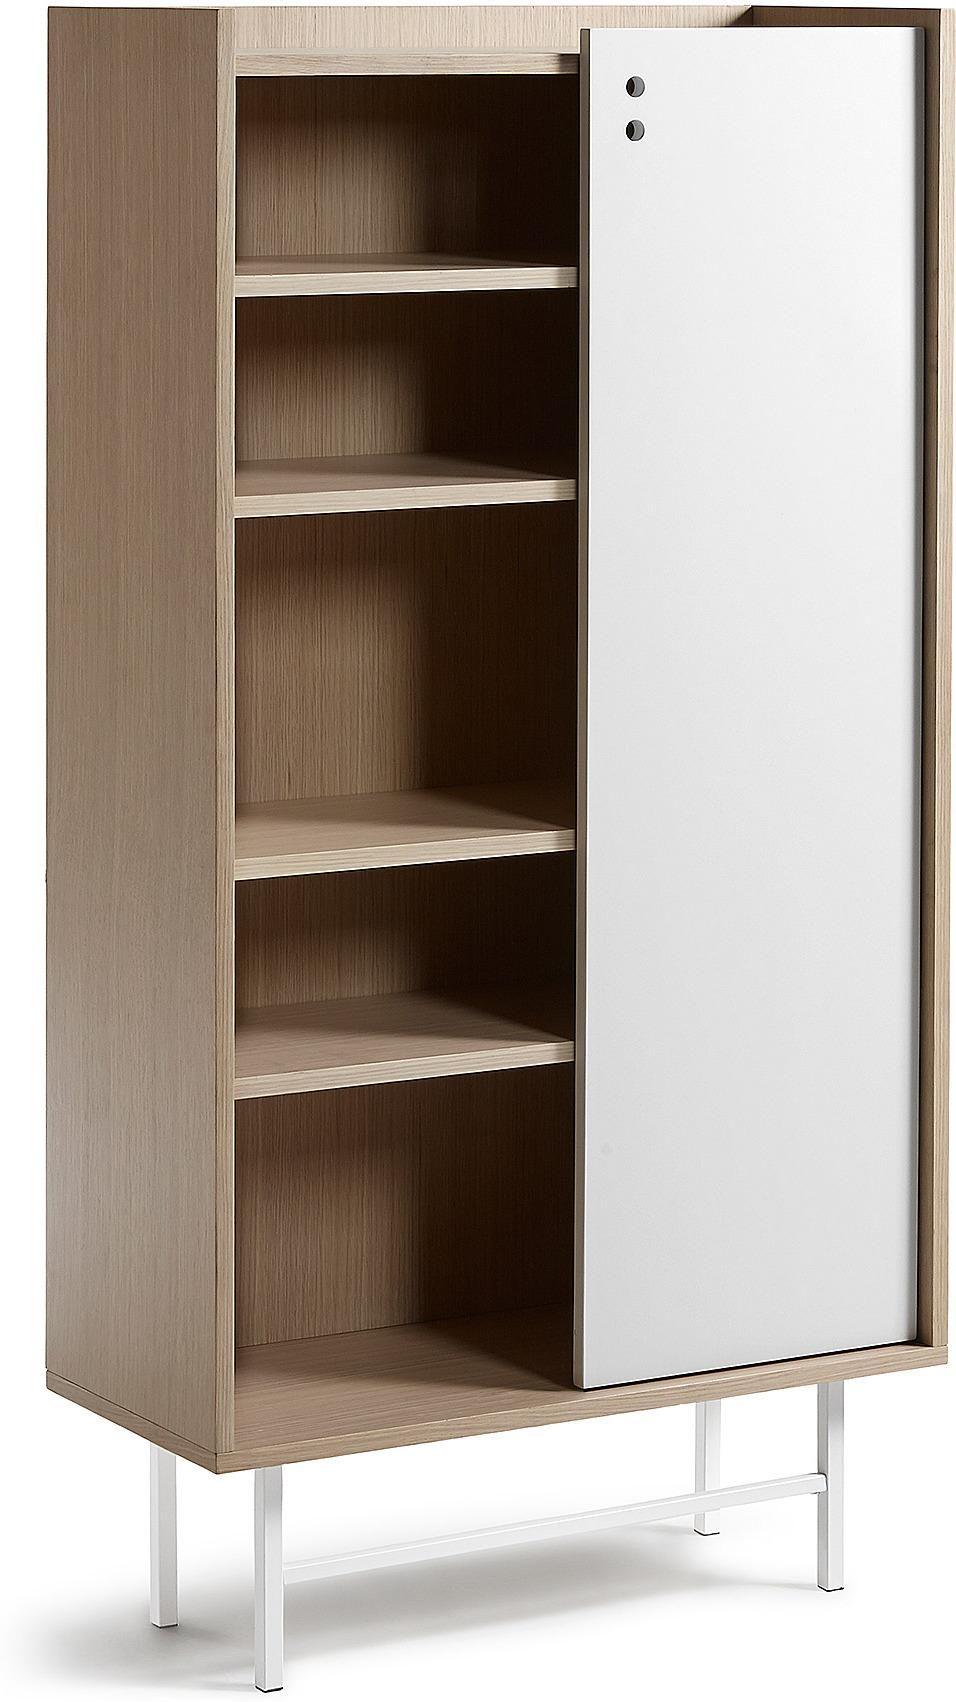 Boekenkast Lish 180x54 eiken hout fineer mdf wit La Forma - LiL.nl